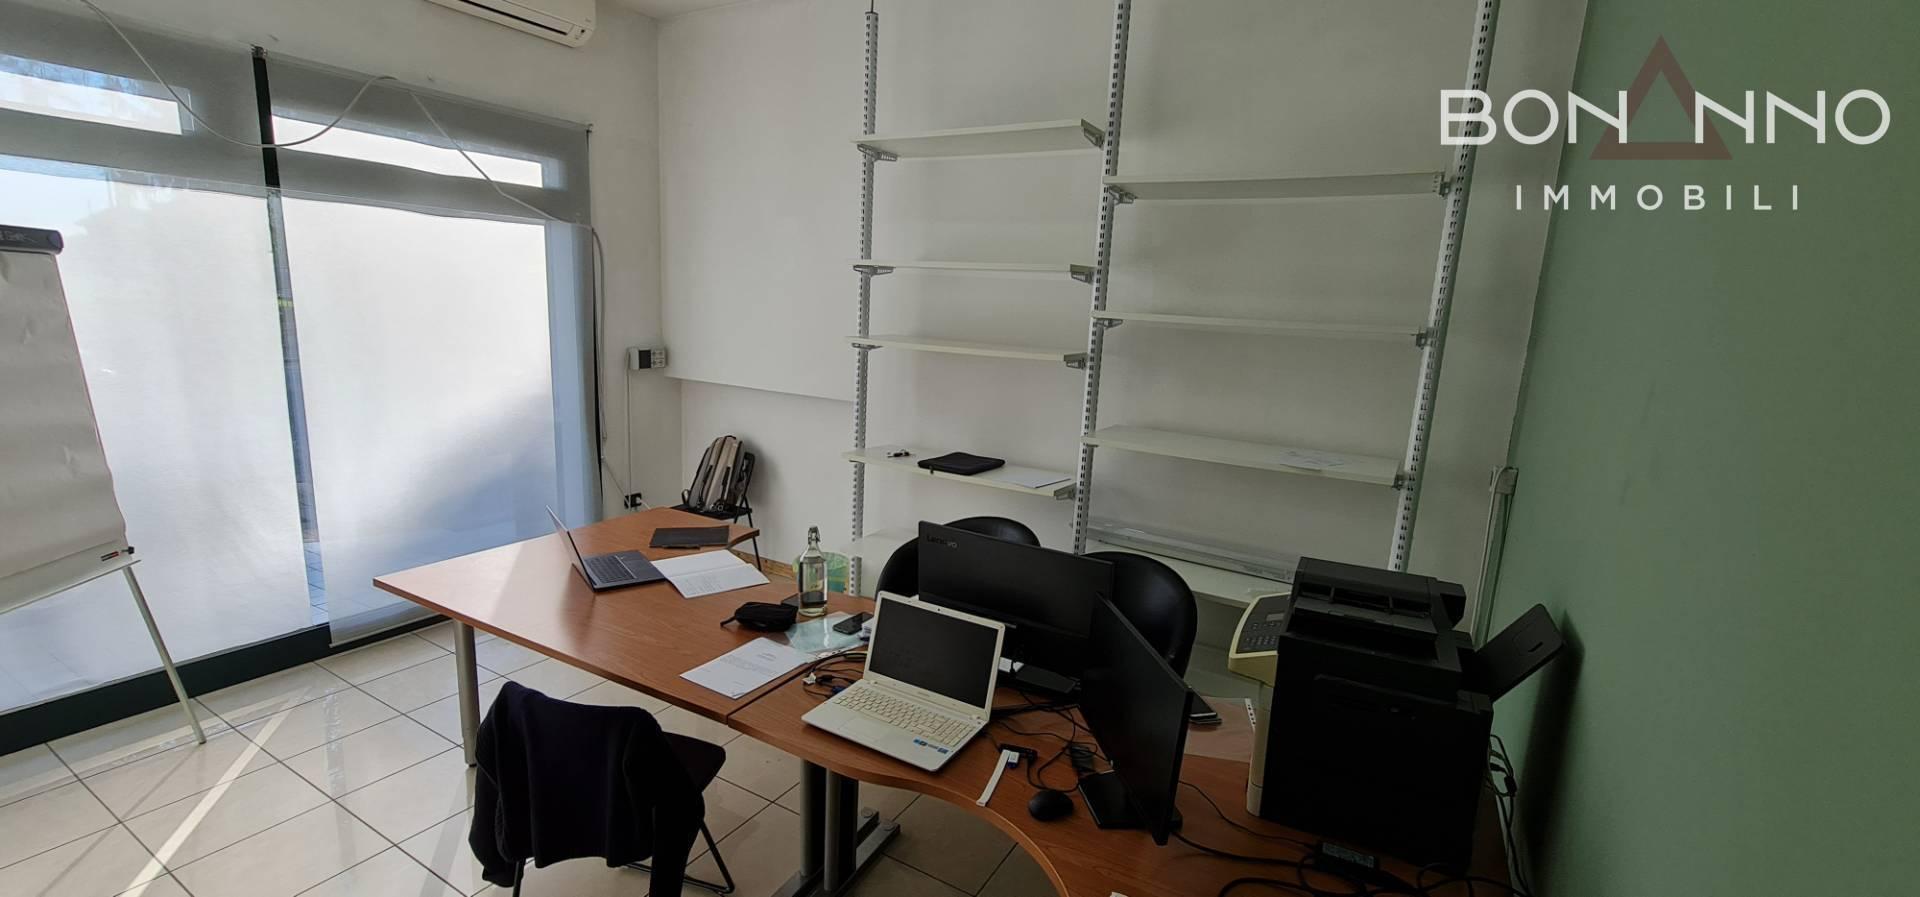 Ufficio / Studio in vendita a San Giorgio in Bosco, 9999 locali, prezzo € 55.000 | CambioCasa.it